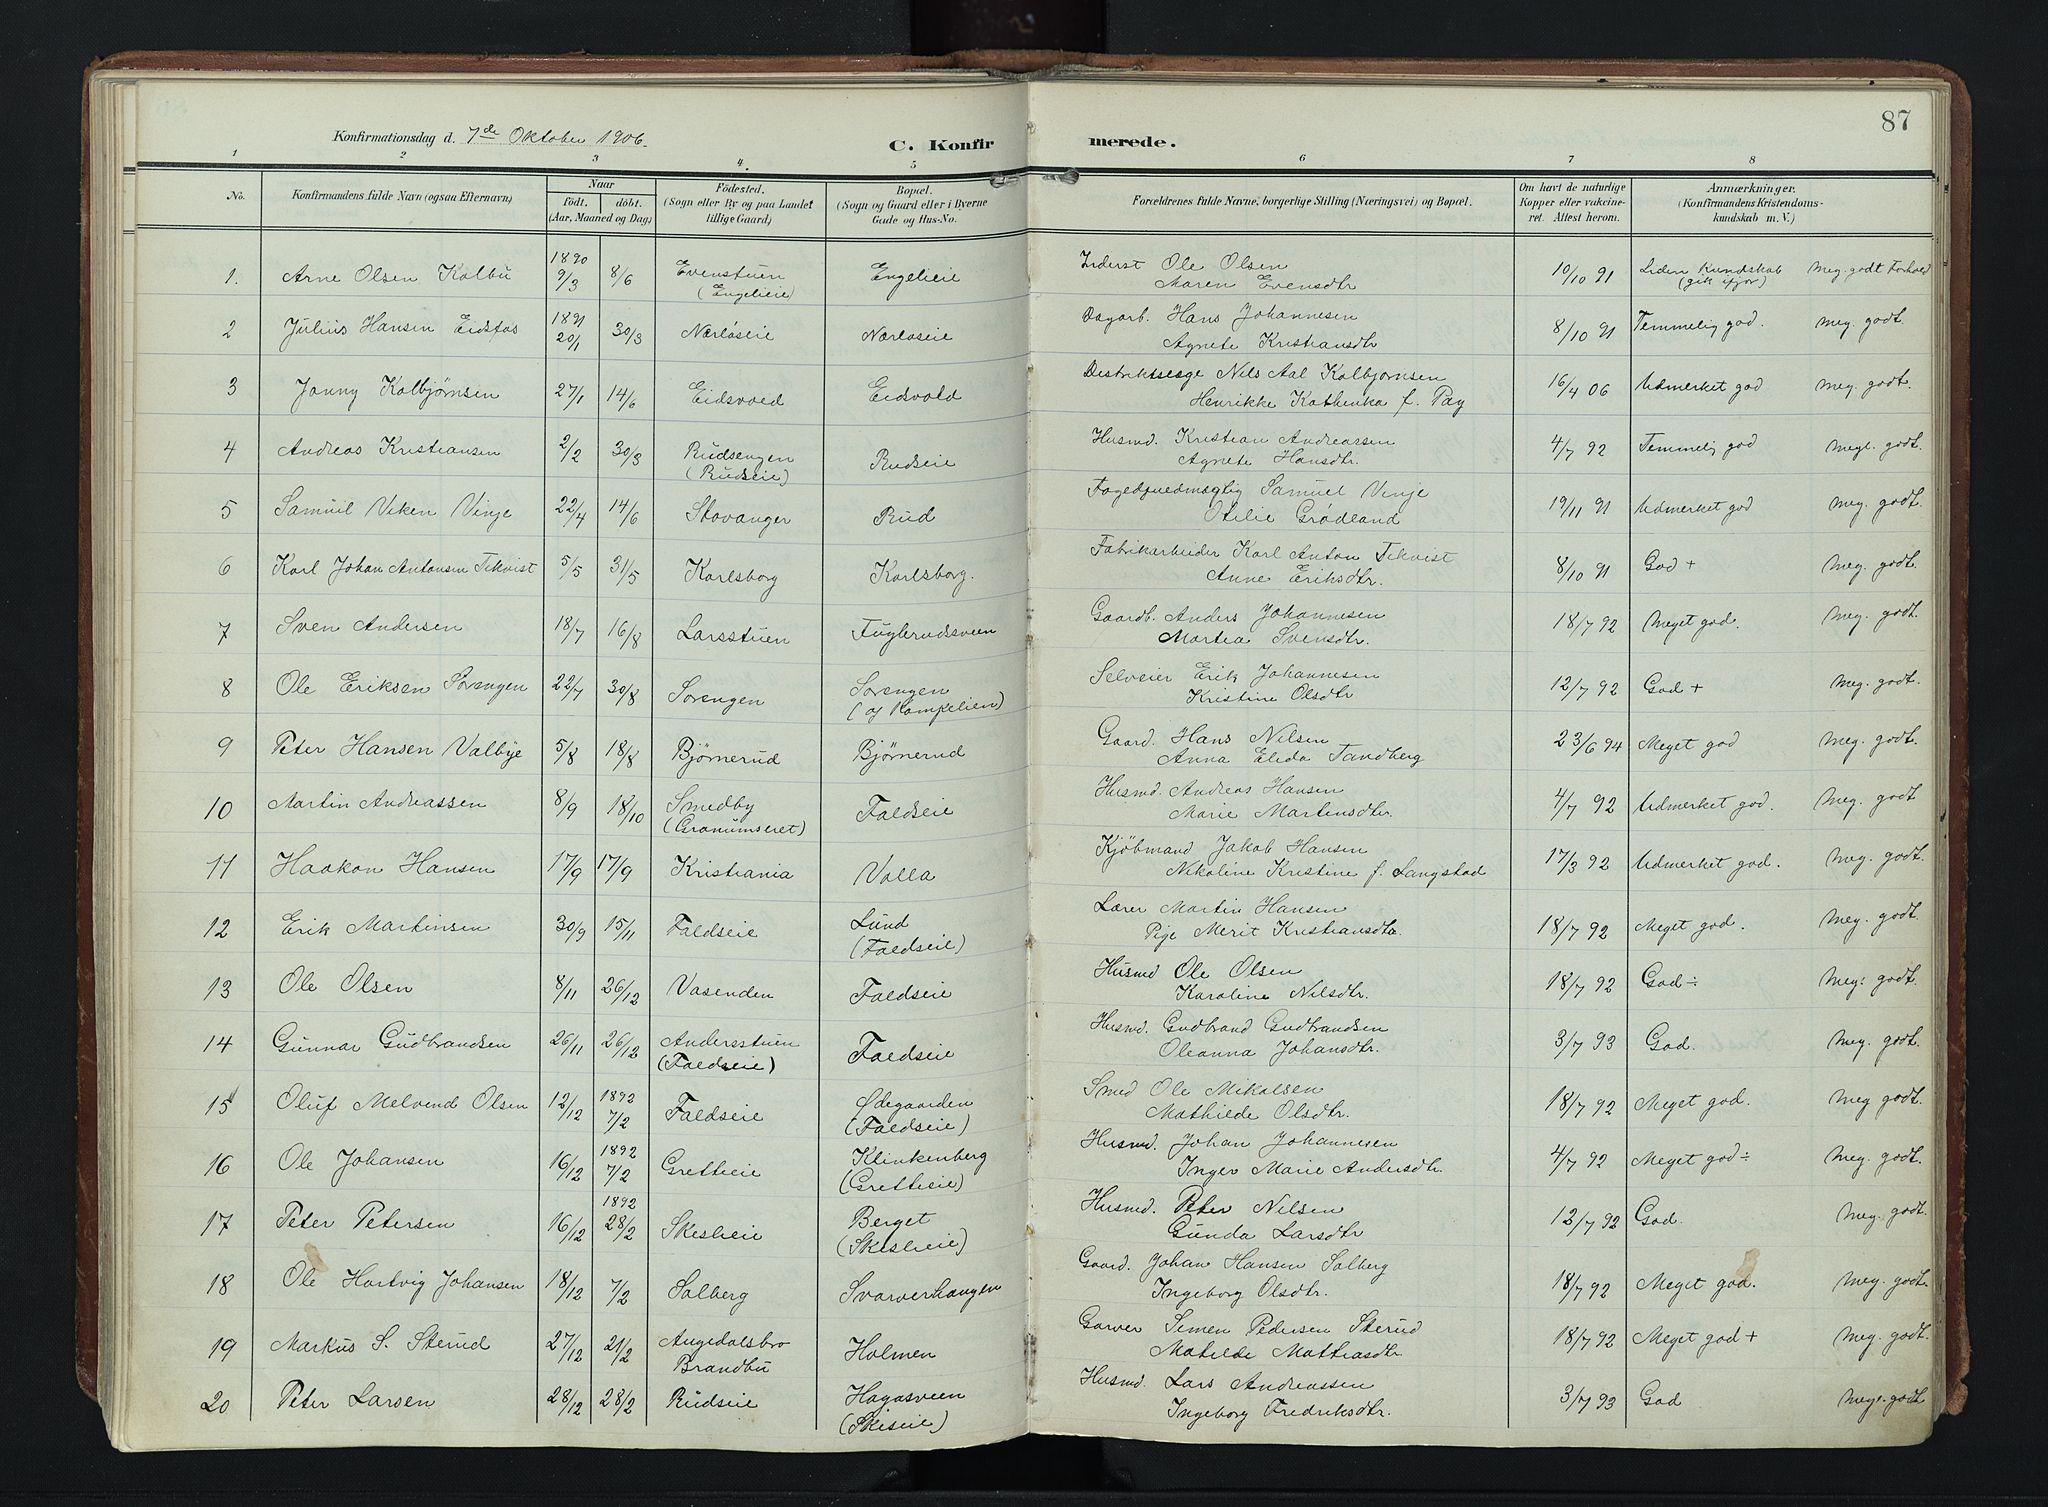 SAH, Søndre Land prestekontor, K/L0007: Ministerialbok nr. 7, 1905-1914, s. 87